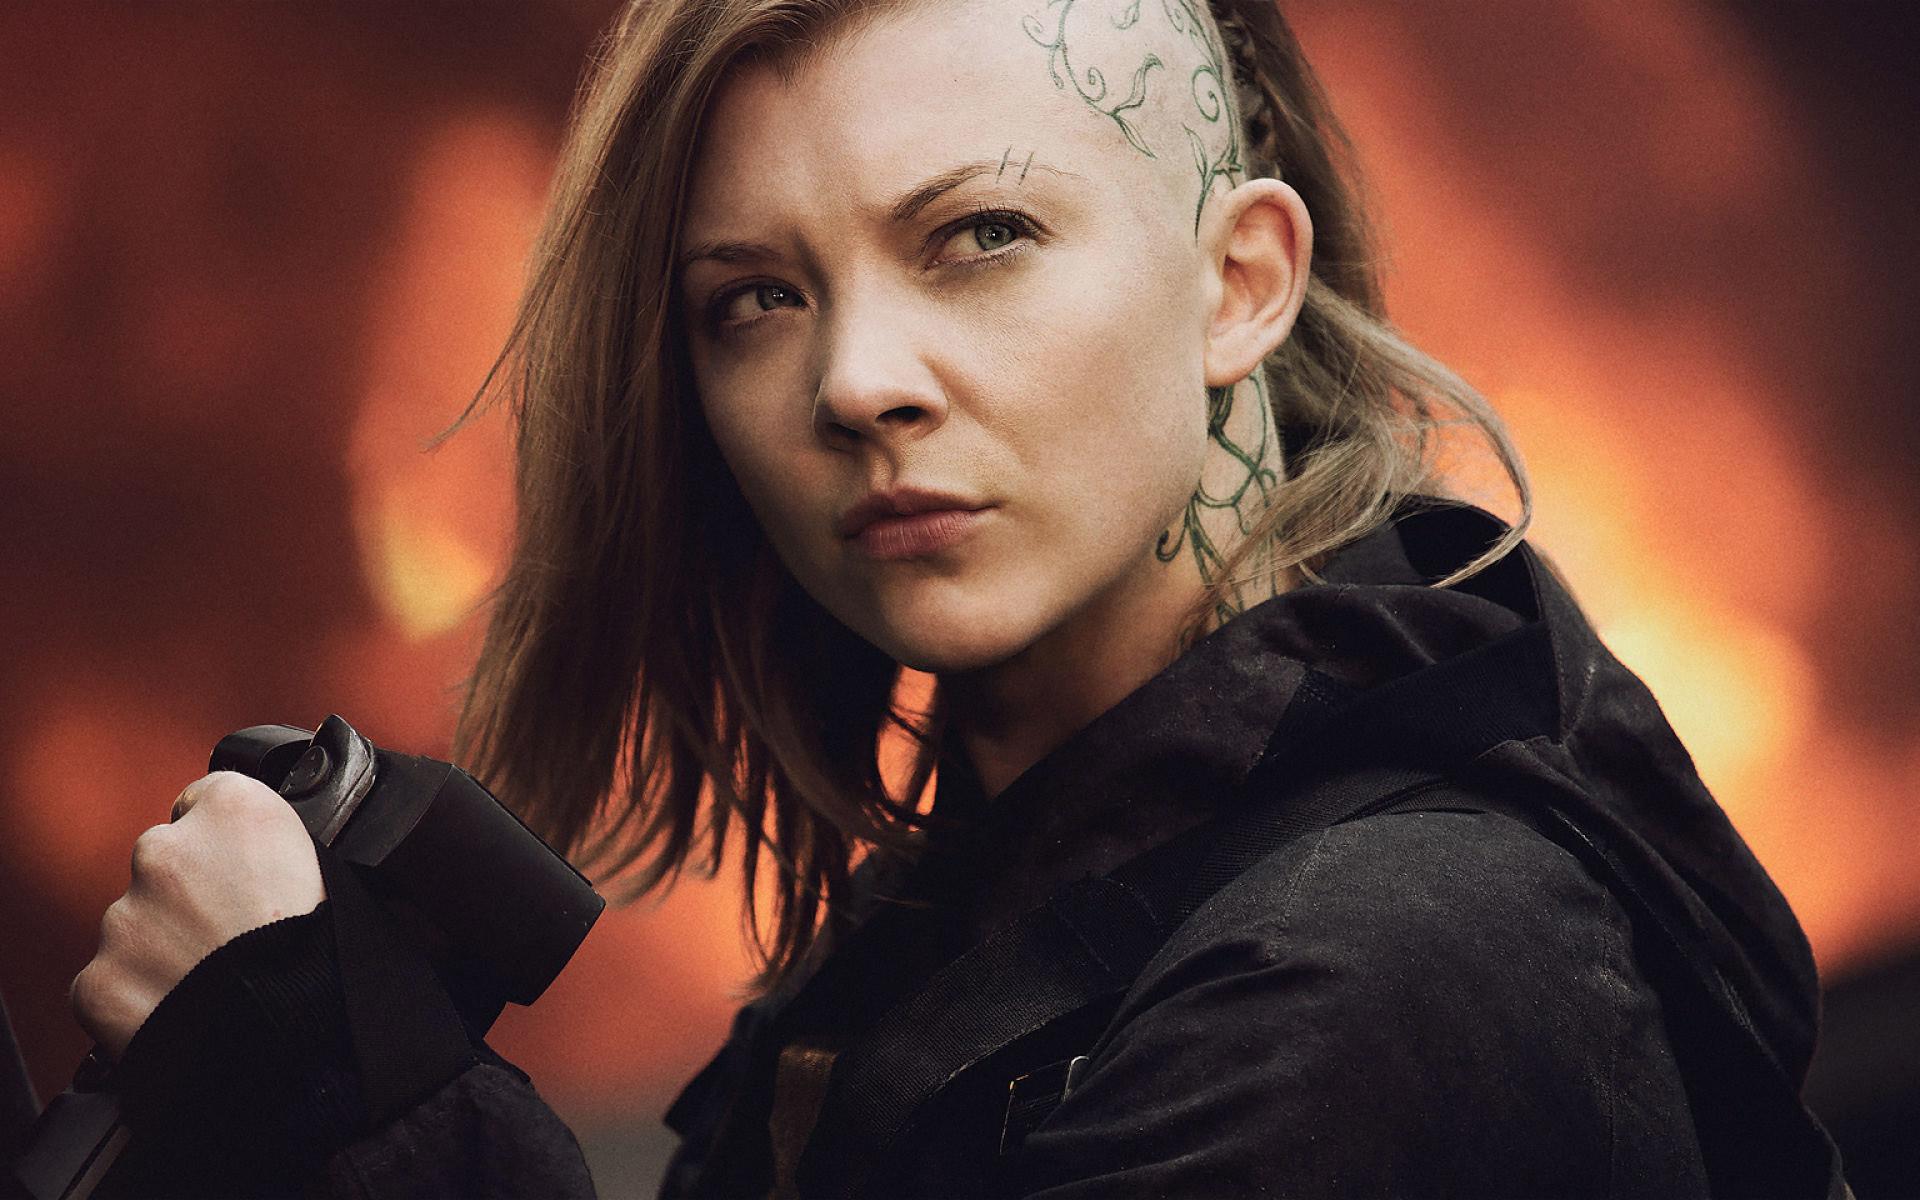 Natalie Dormer As Cressida In Mockingjay Part 1 Wallpaper